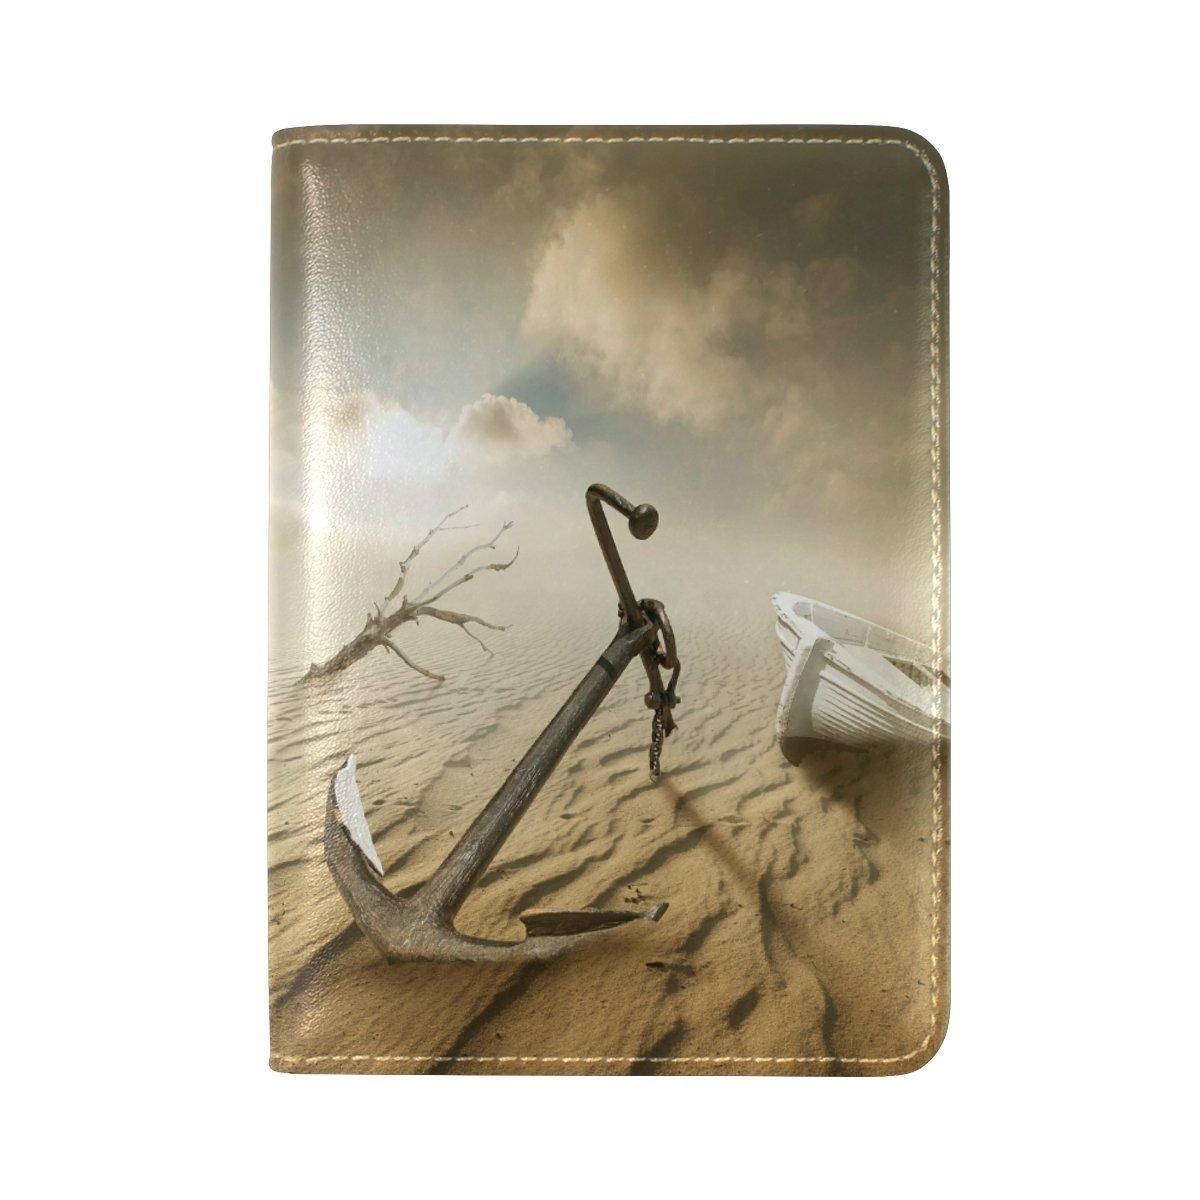 Art Desert Boat Genuine Leather UAS Passport Holder Travel Wallet Cover Case